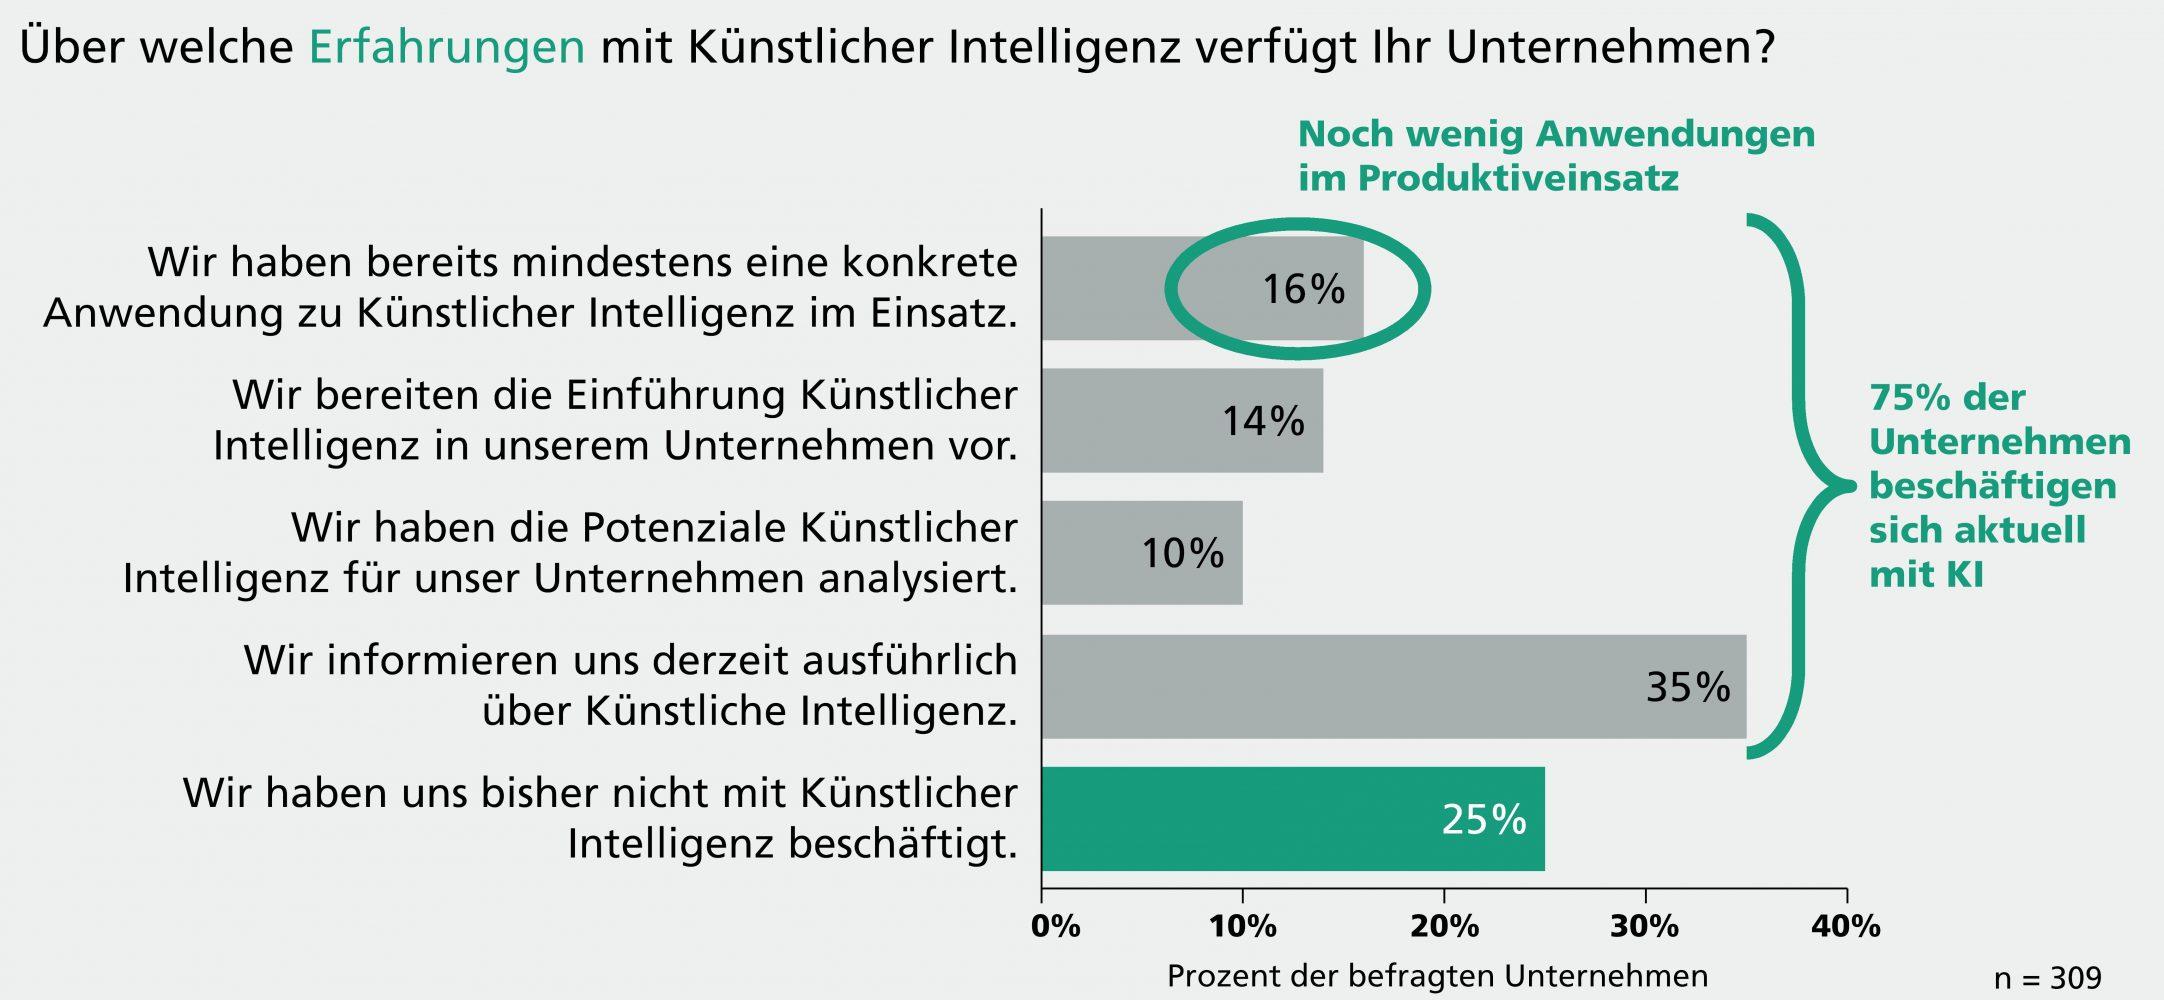 Ein Großteil der Unternehmen beschäftigt sich mit KI: Konkrete Anwendungen sind jedoch noch wenig im Einsatz. (Bild: Fraunhofer-Institut f. Arbeitswirtschaft)